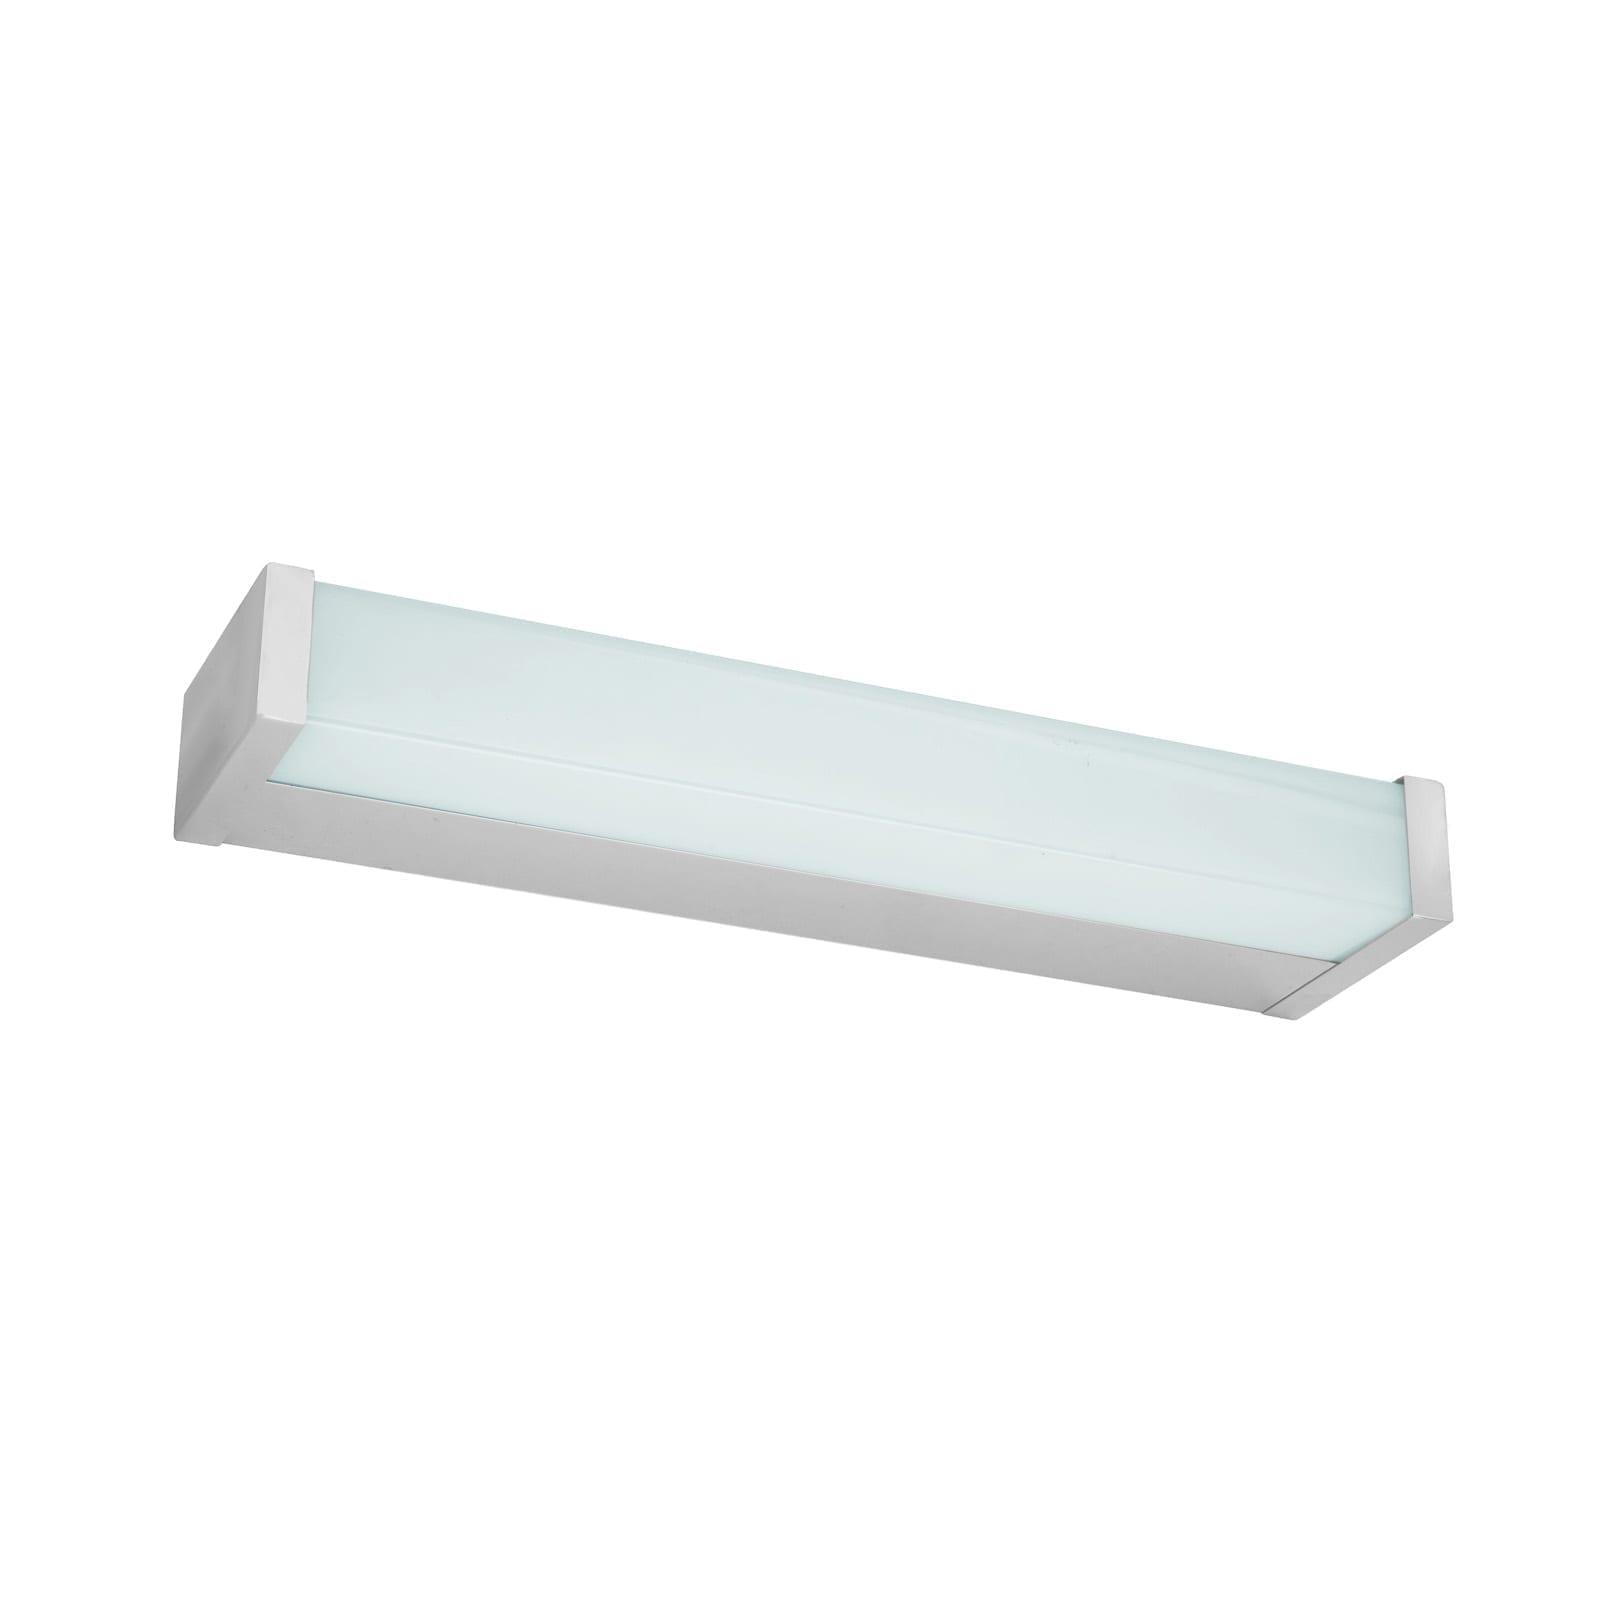 Sieninis LED šviestuvas Minoria 1A